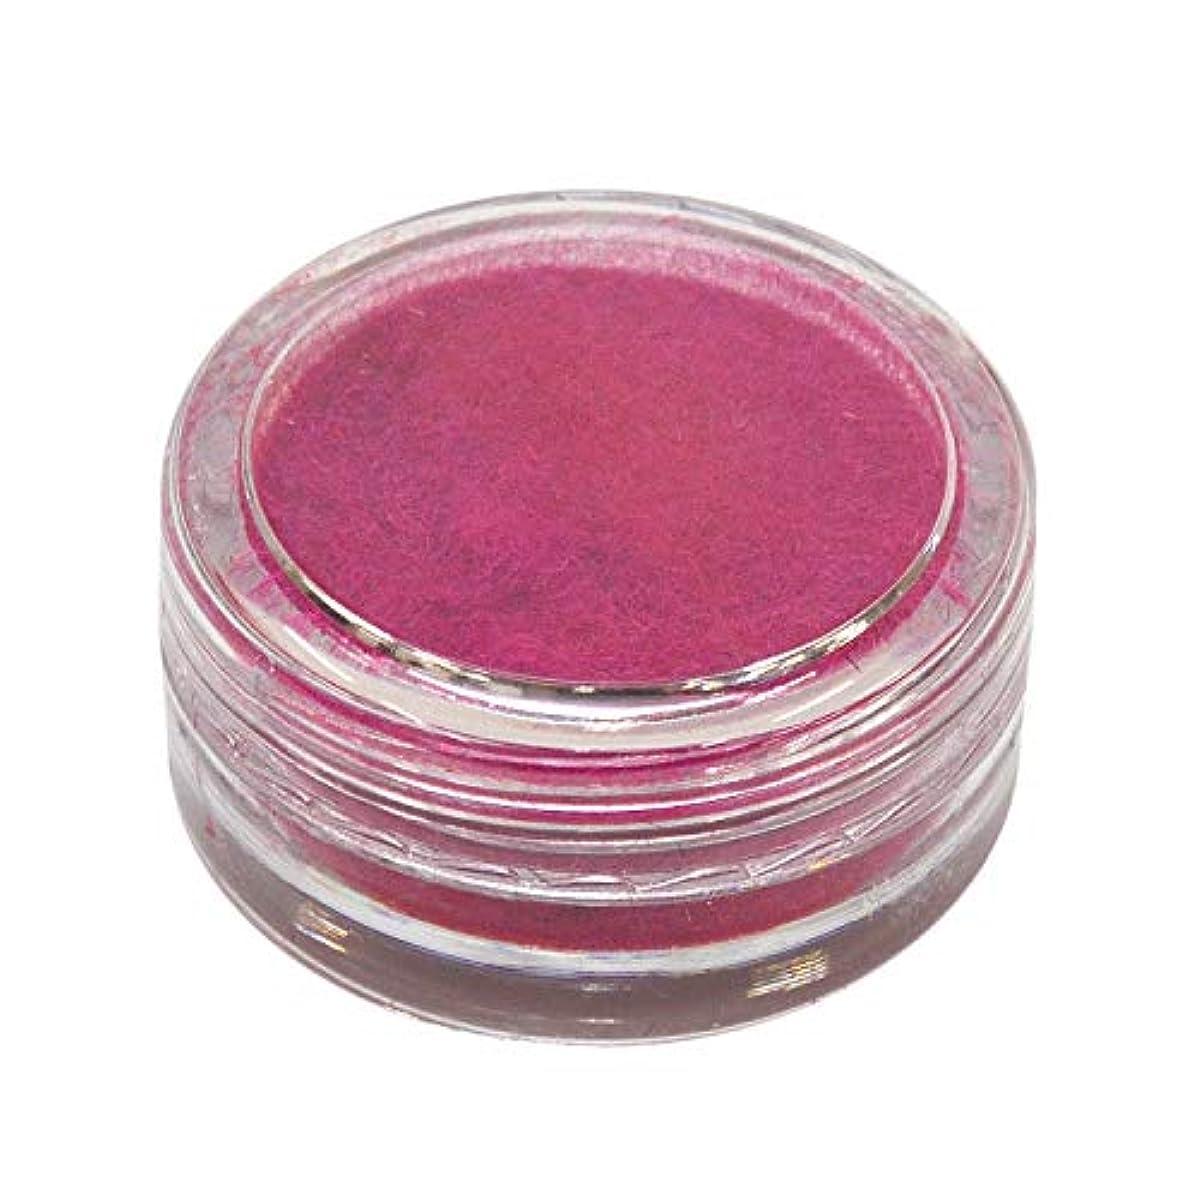 シンポジウムそんなにオーストラリアネルパラ ベルベットパウダー #3 ローズピンク